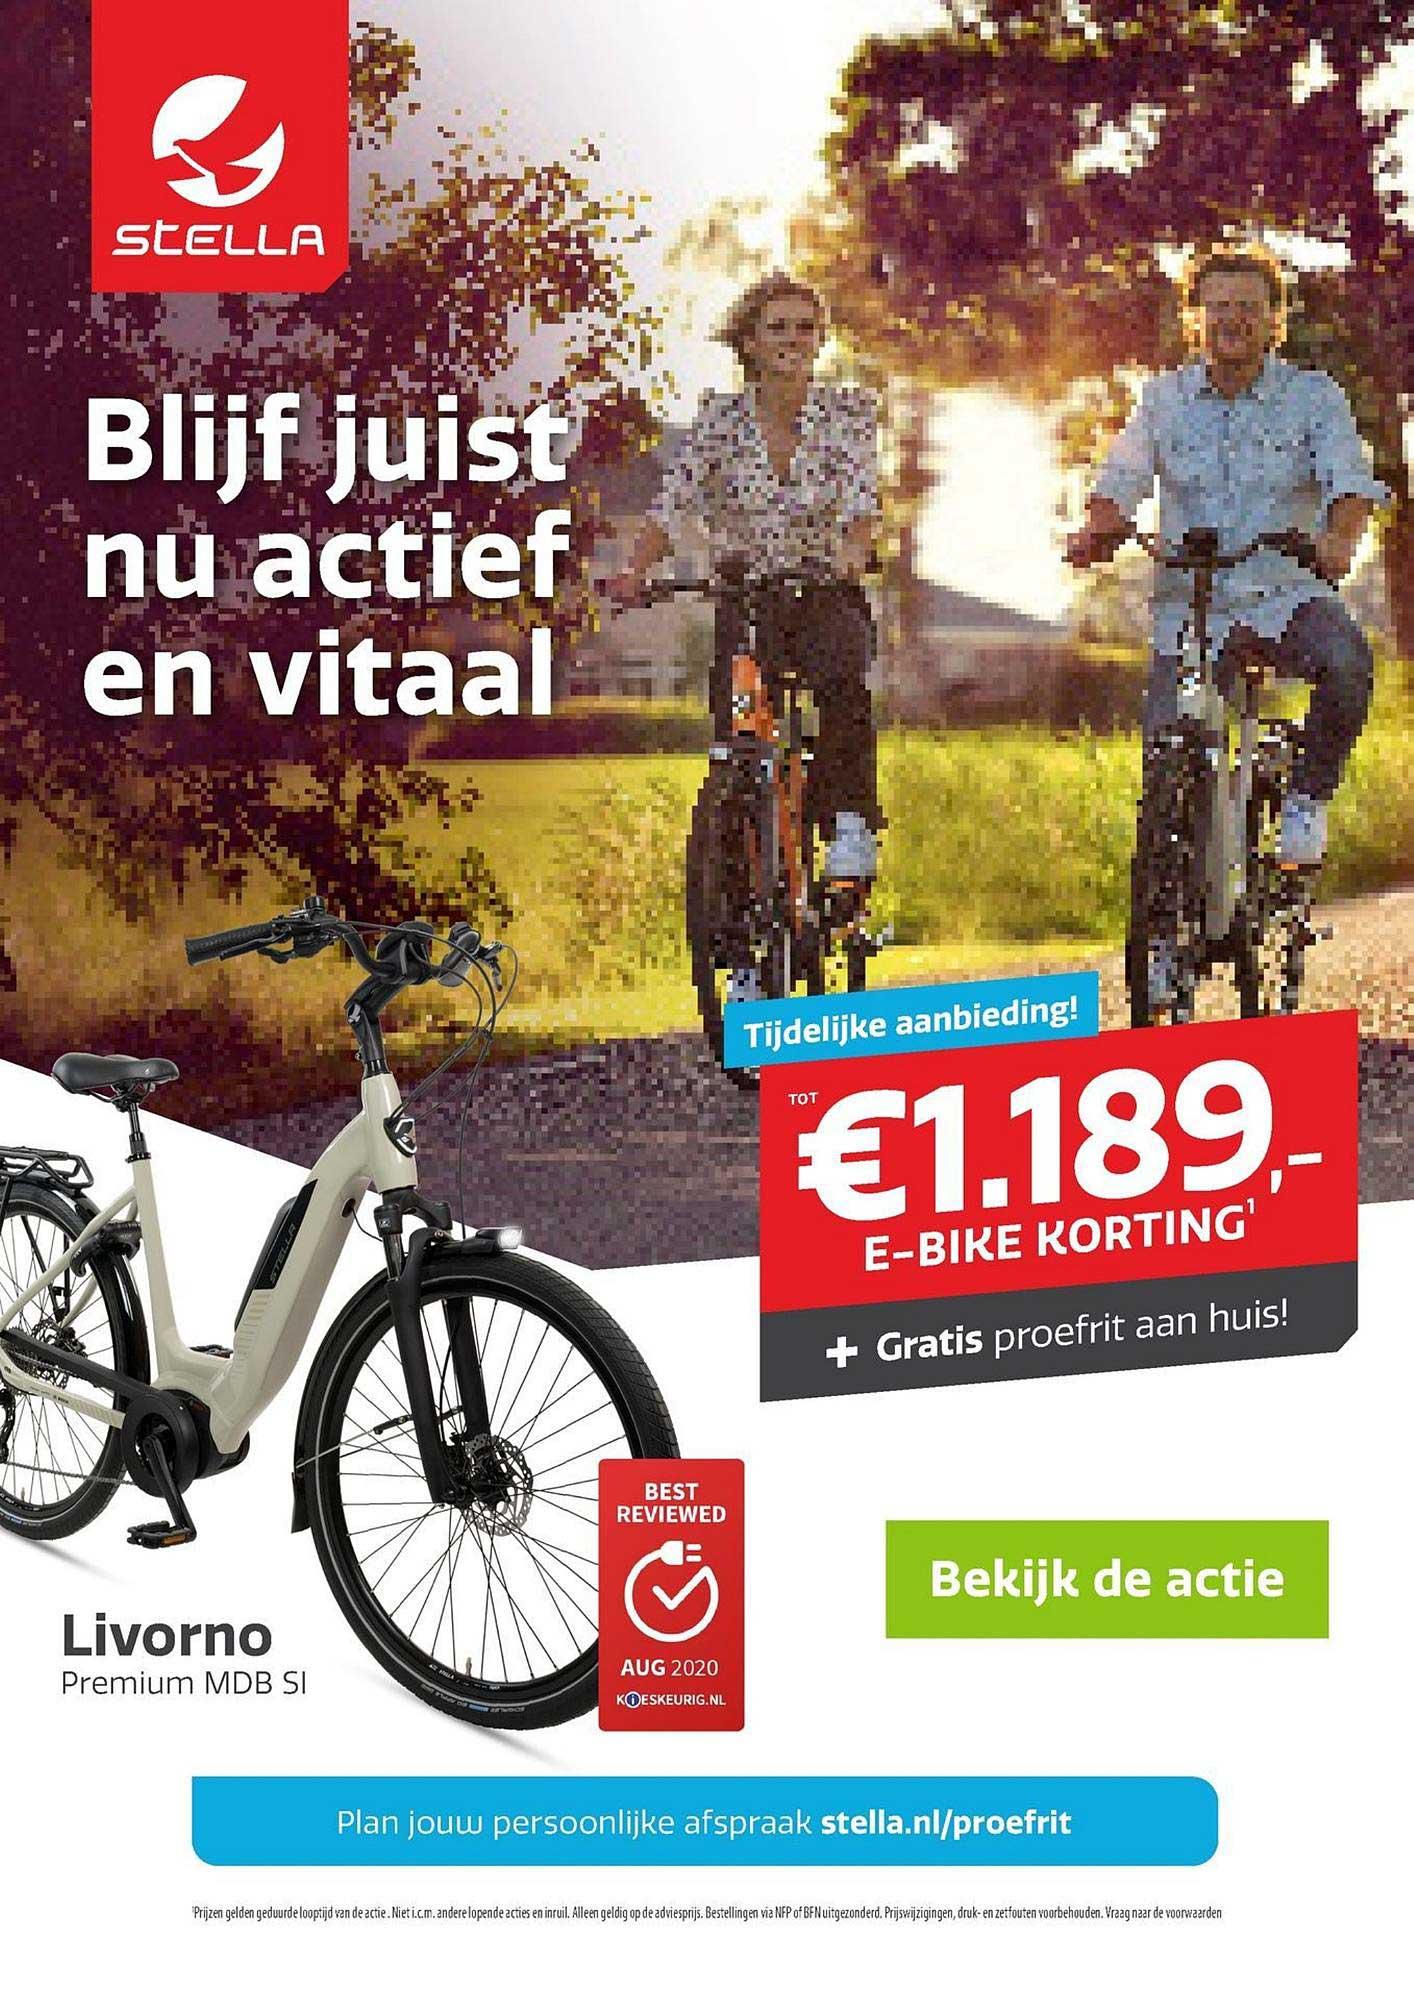 Stella Fietsen Livorno Premium MDB SI E-Bike